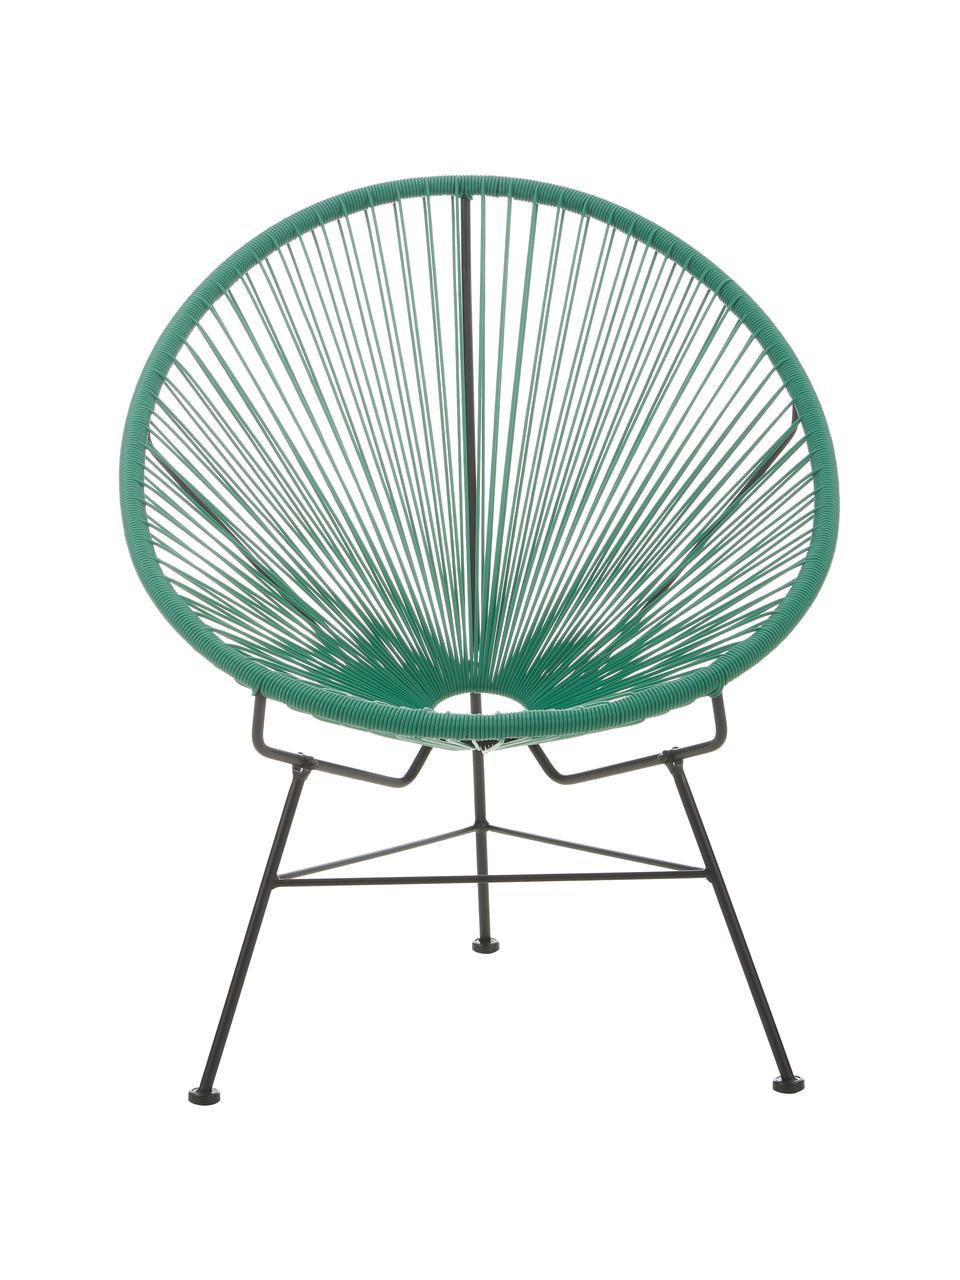 Loungefauteuil Bahia van kunststoffen vlechtwerk, Zitvlak: kunststof, Frame: gepoedercoat metaal, Groen, 81 x 73 cm